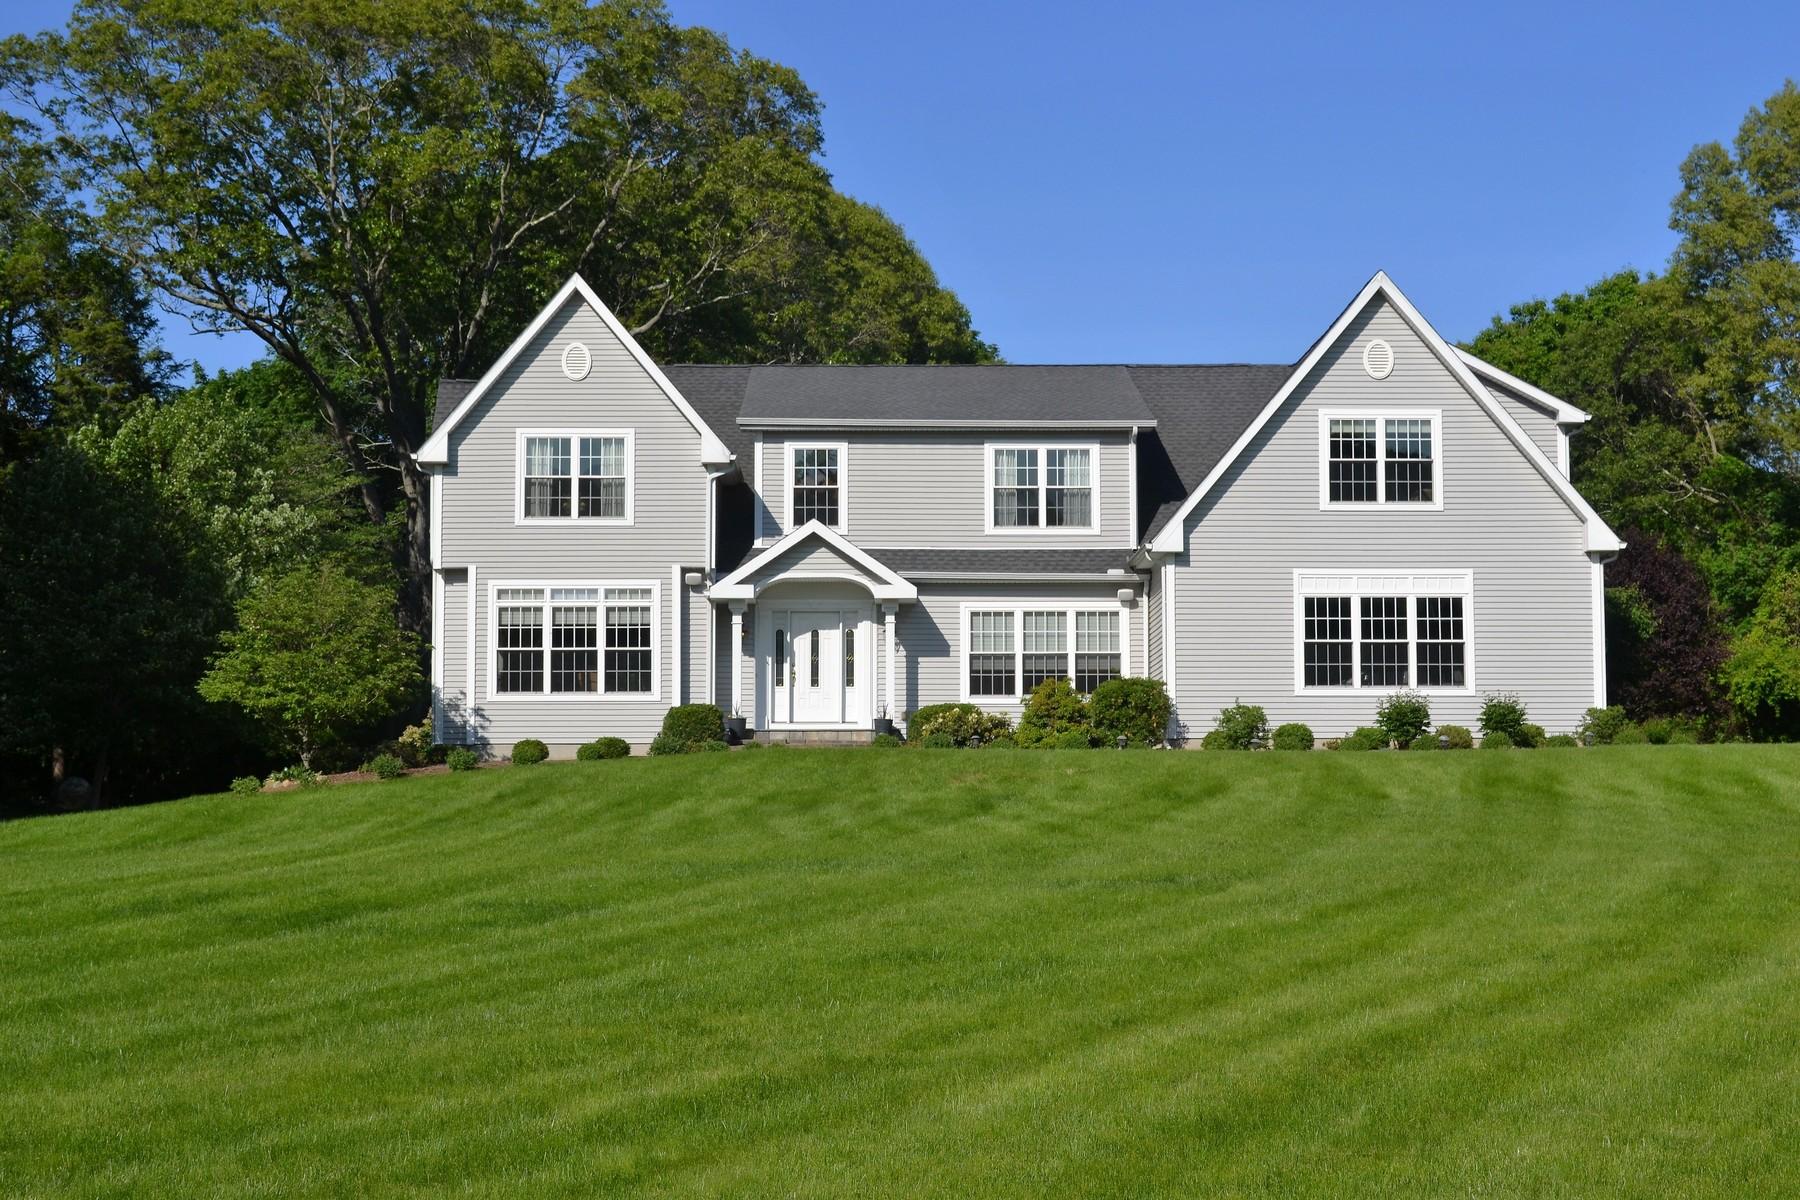 Maison unifamiliale pour l Vente à Attention To Detail Abounds 248 Middlesex Ave Chester, Connecticut, 06412 États-Unis